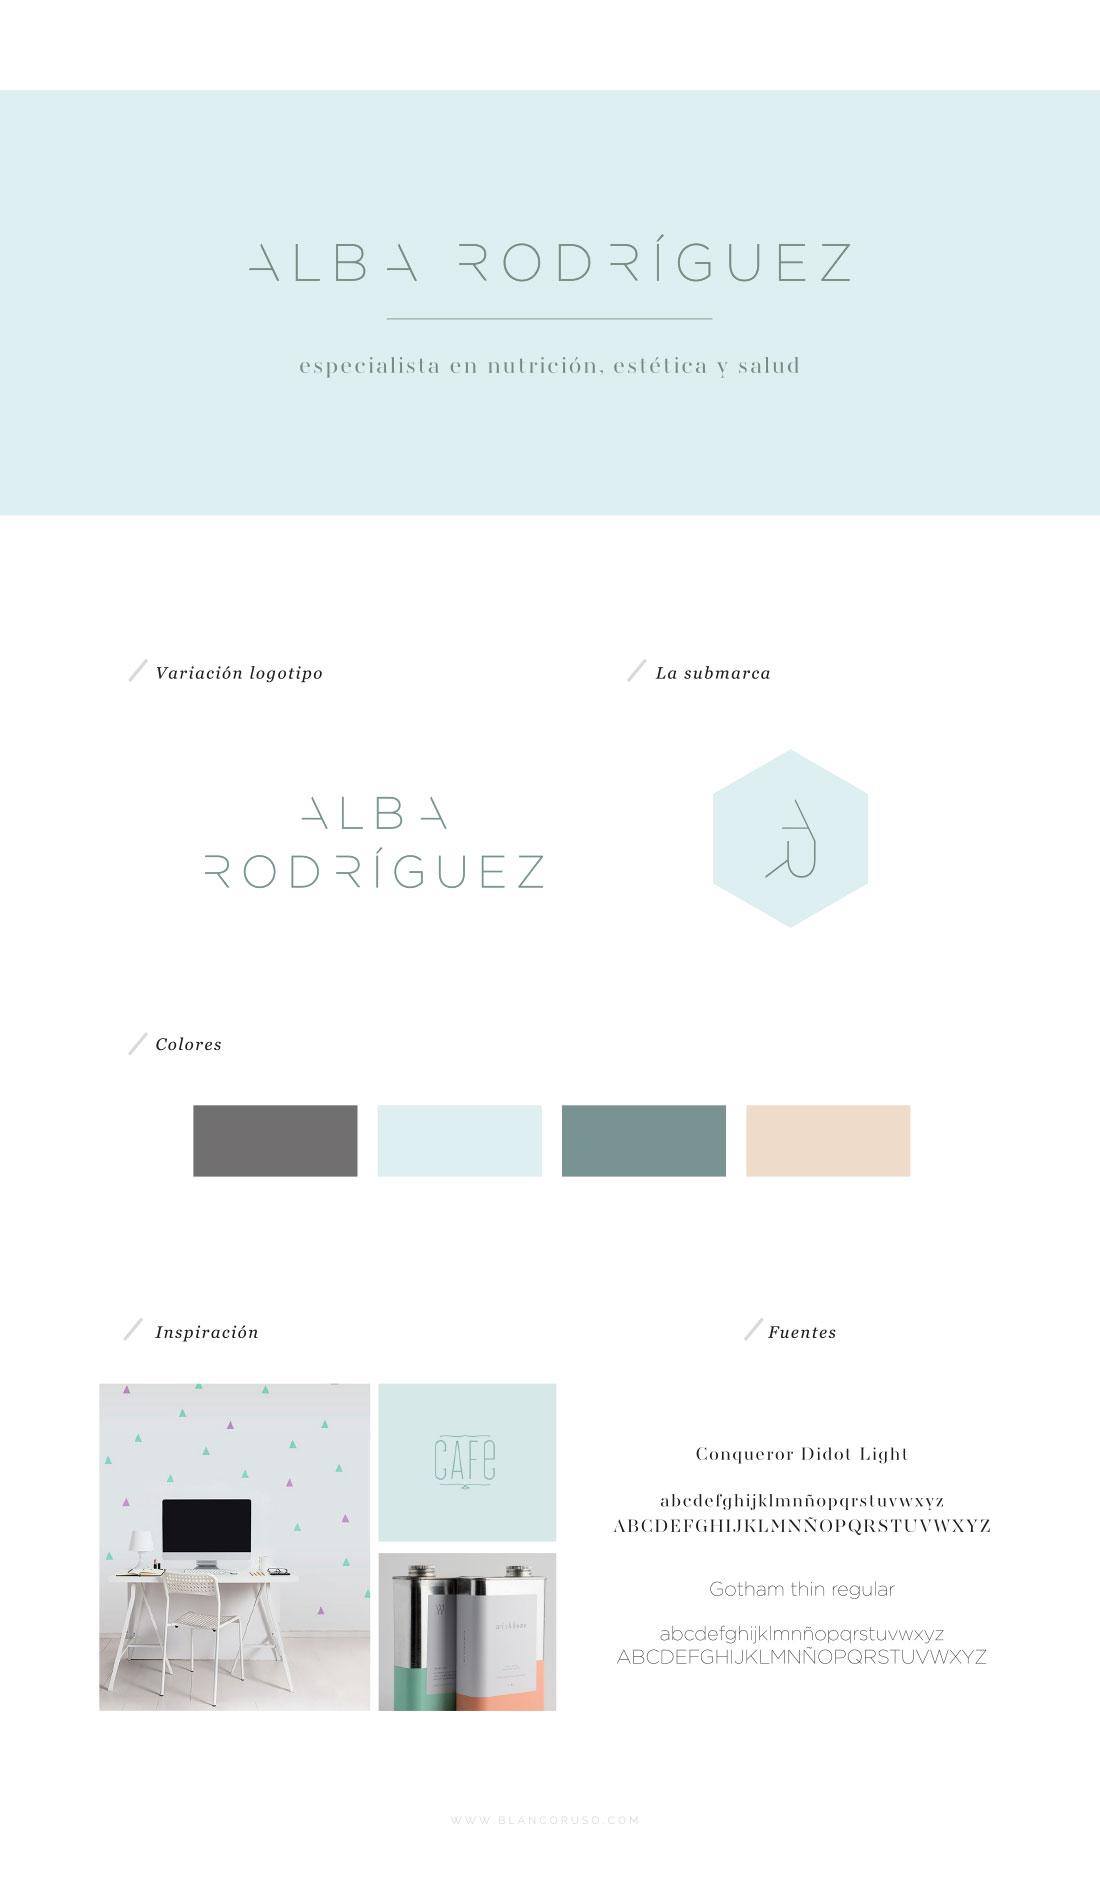 Branding logotipo tarjeta Alba Rodriguez por Blanco Ruso